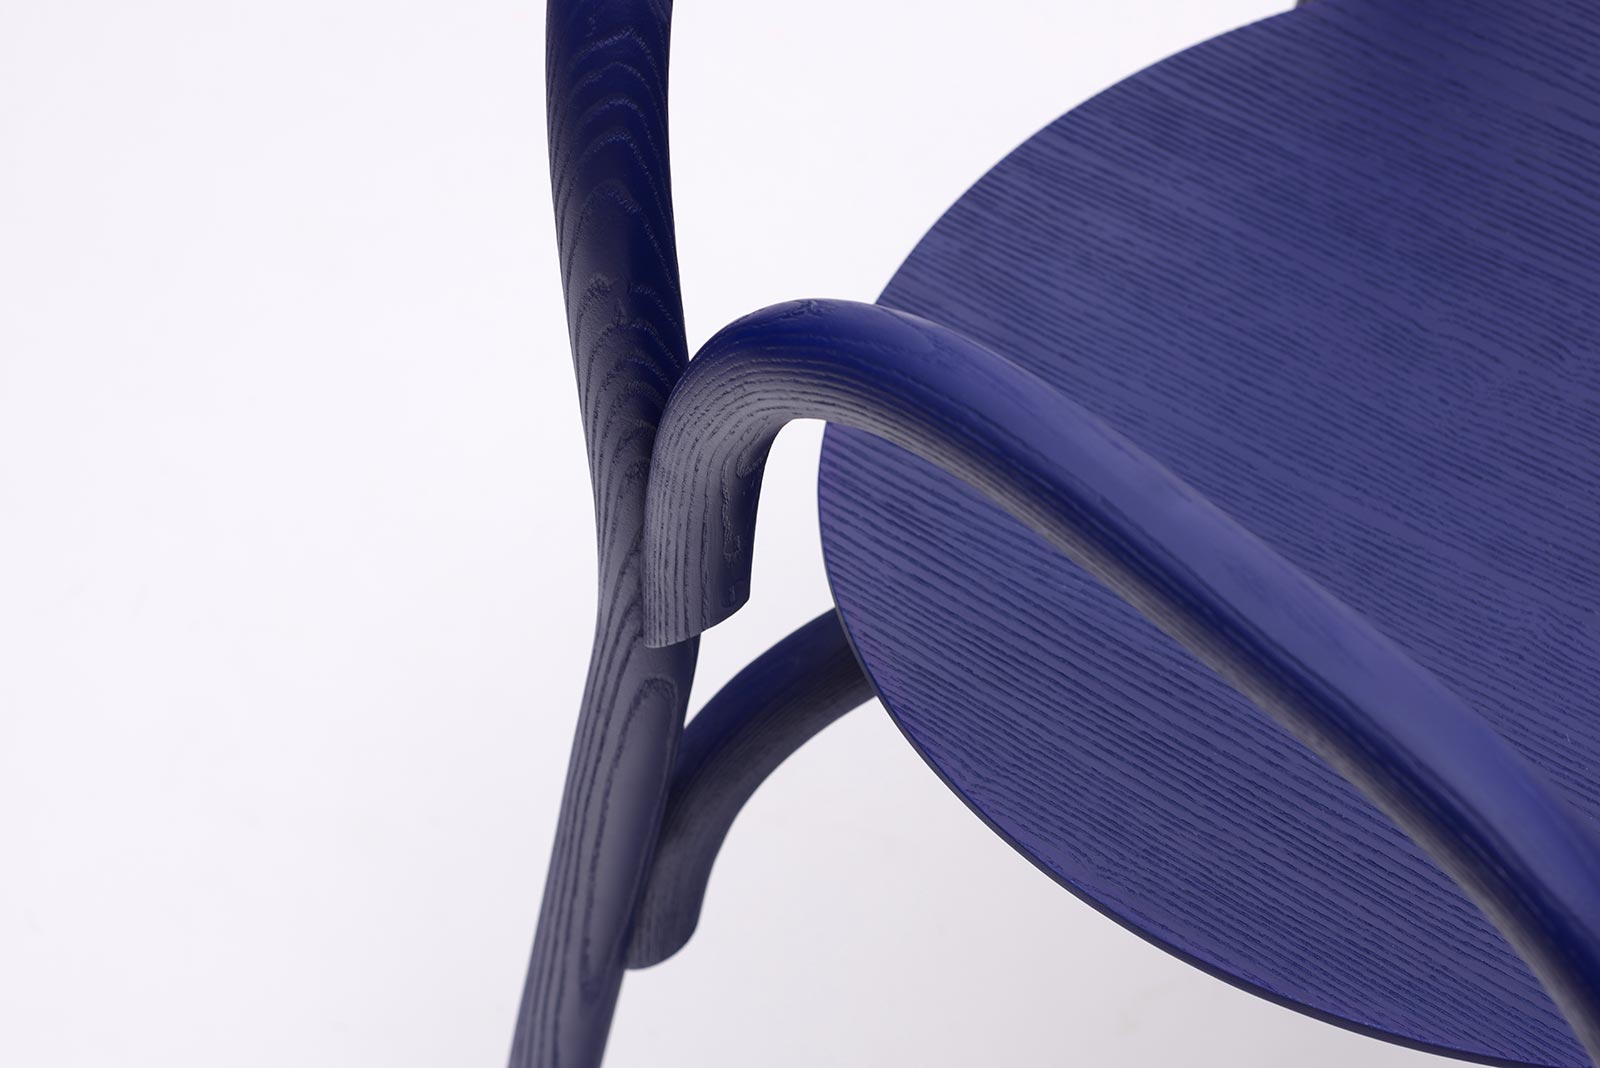 Brace Chair by Samuel Wilkinson